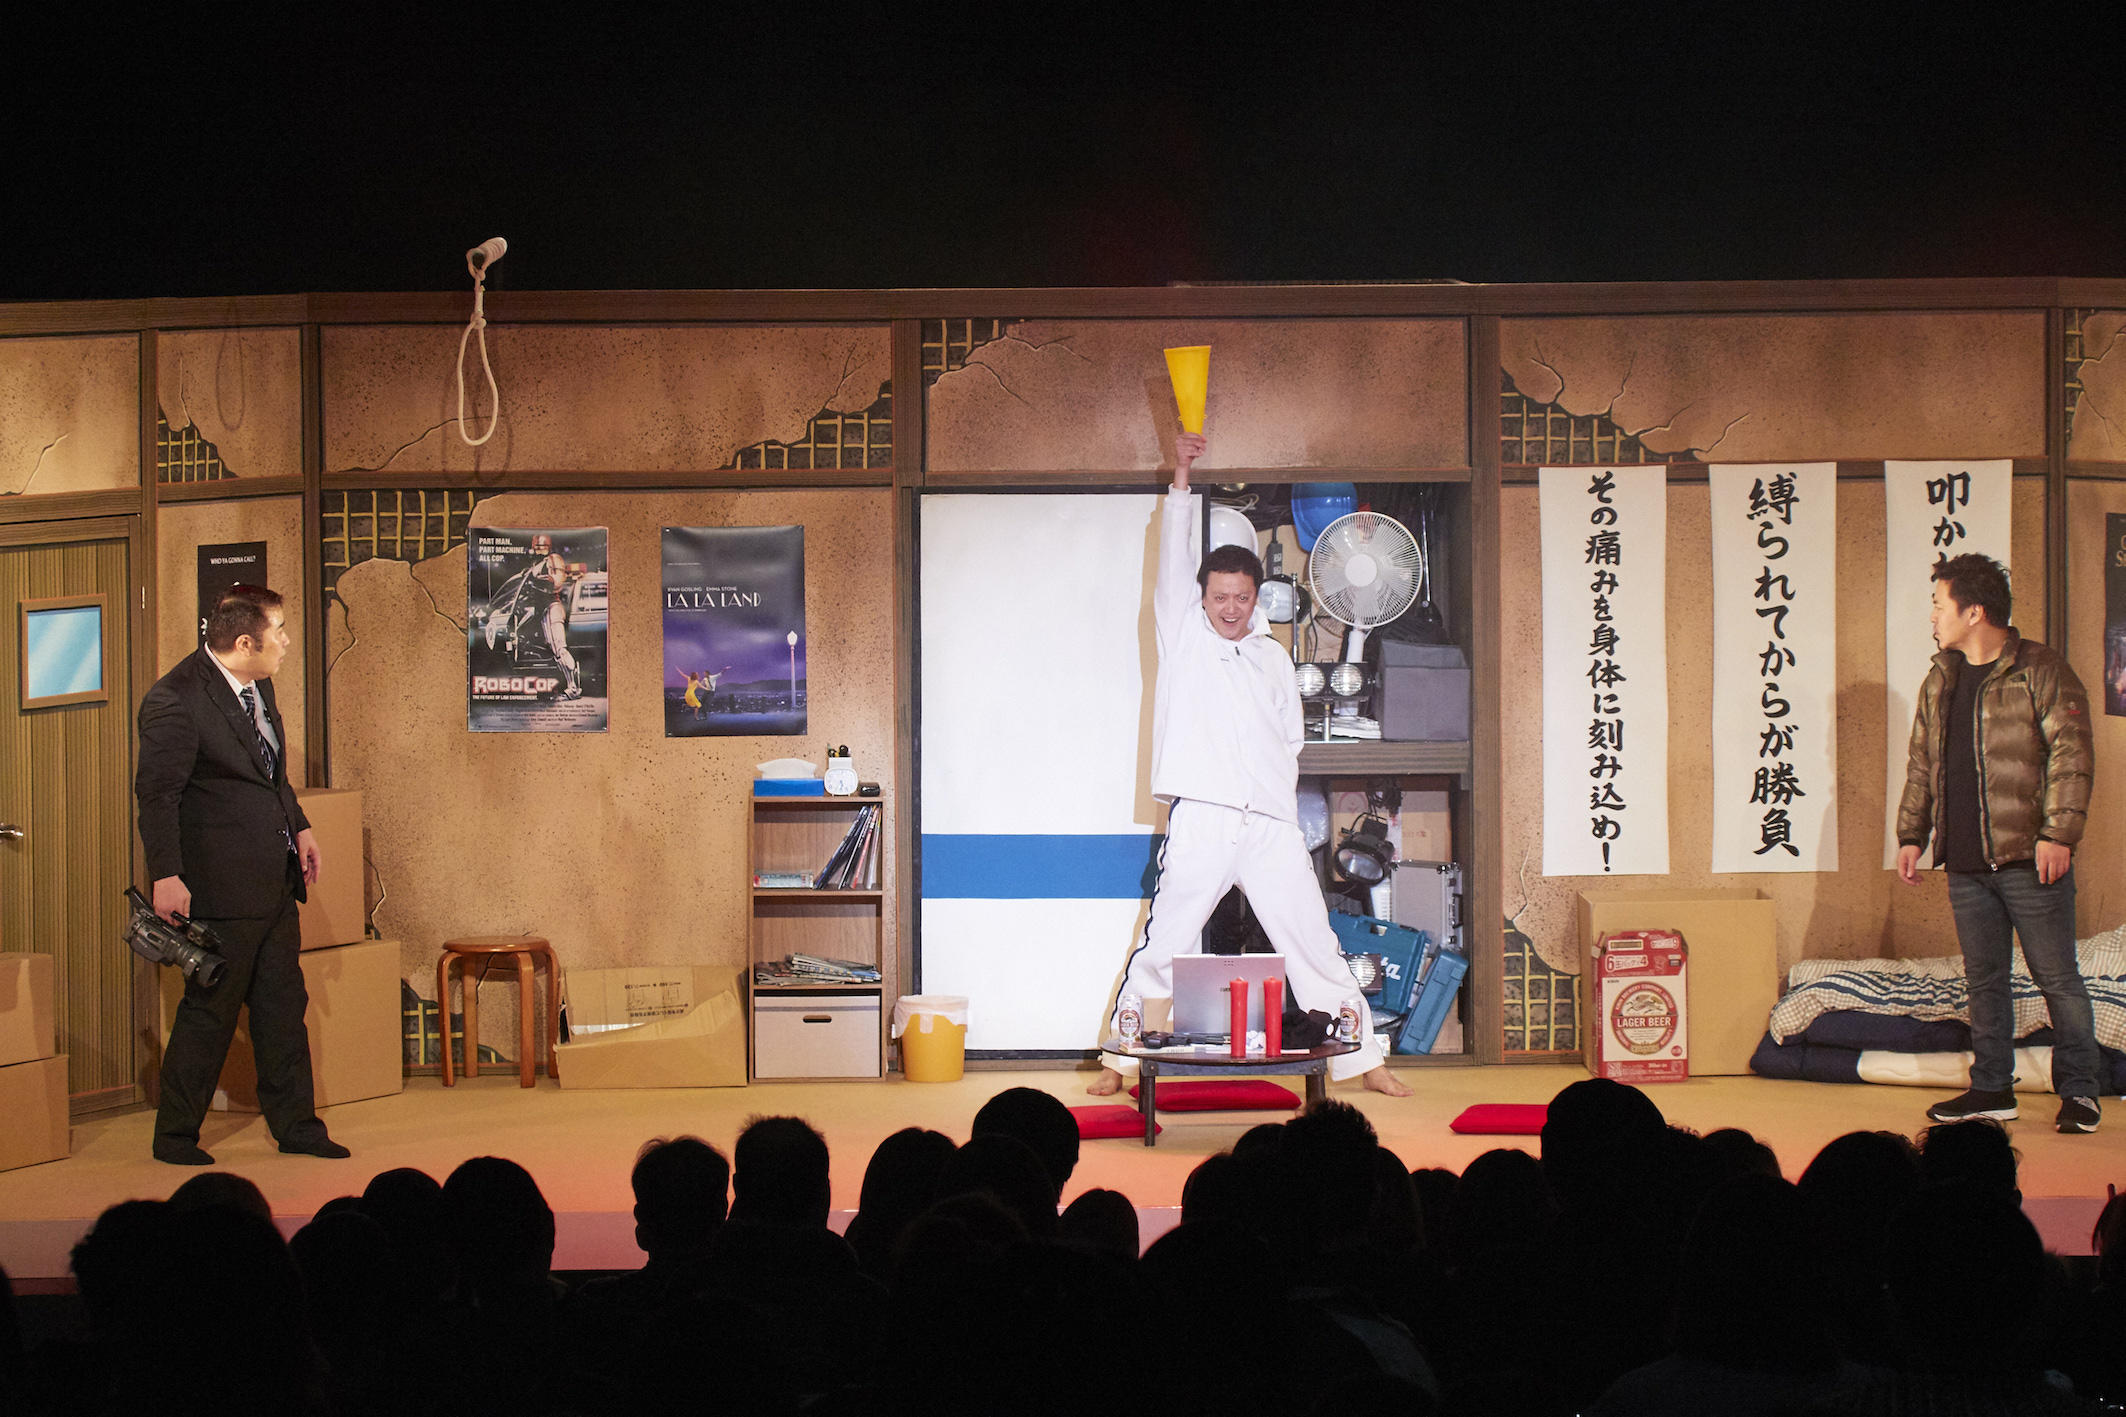 http://news.yoshimoto.co.jp/20190201161259-c4e81e0525710dc94c27b3d2f7d26112c1003d78.jpg